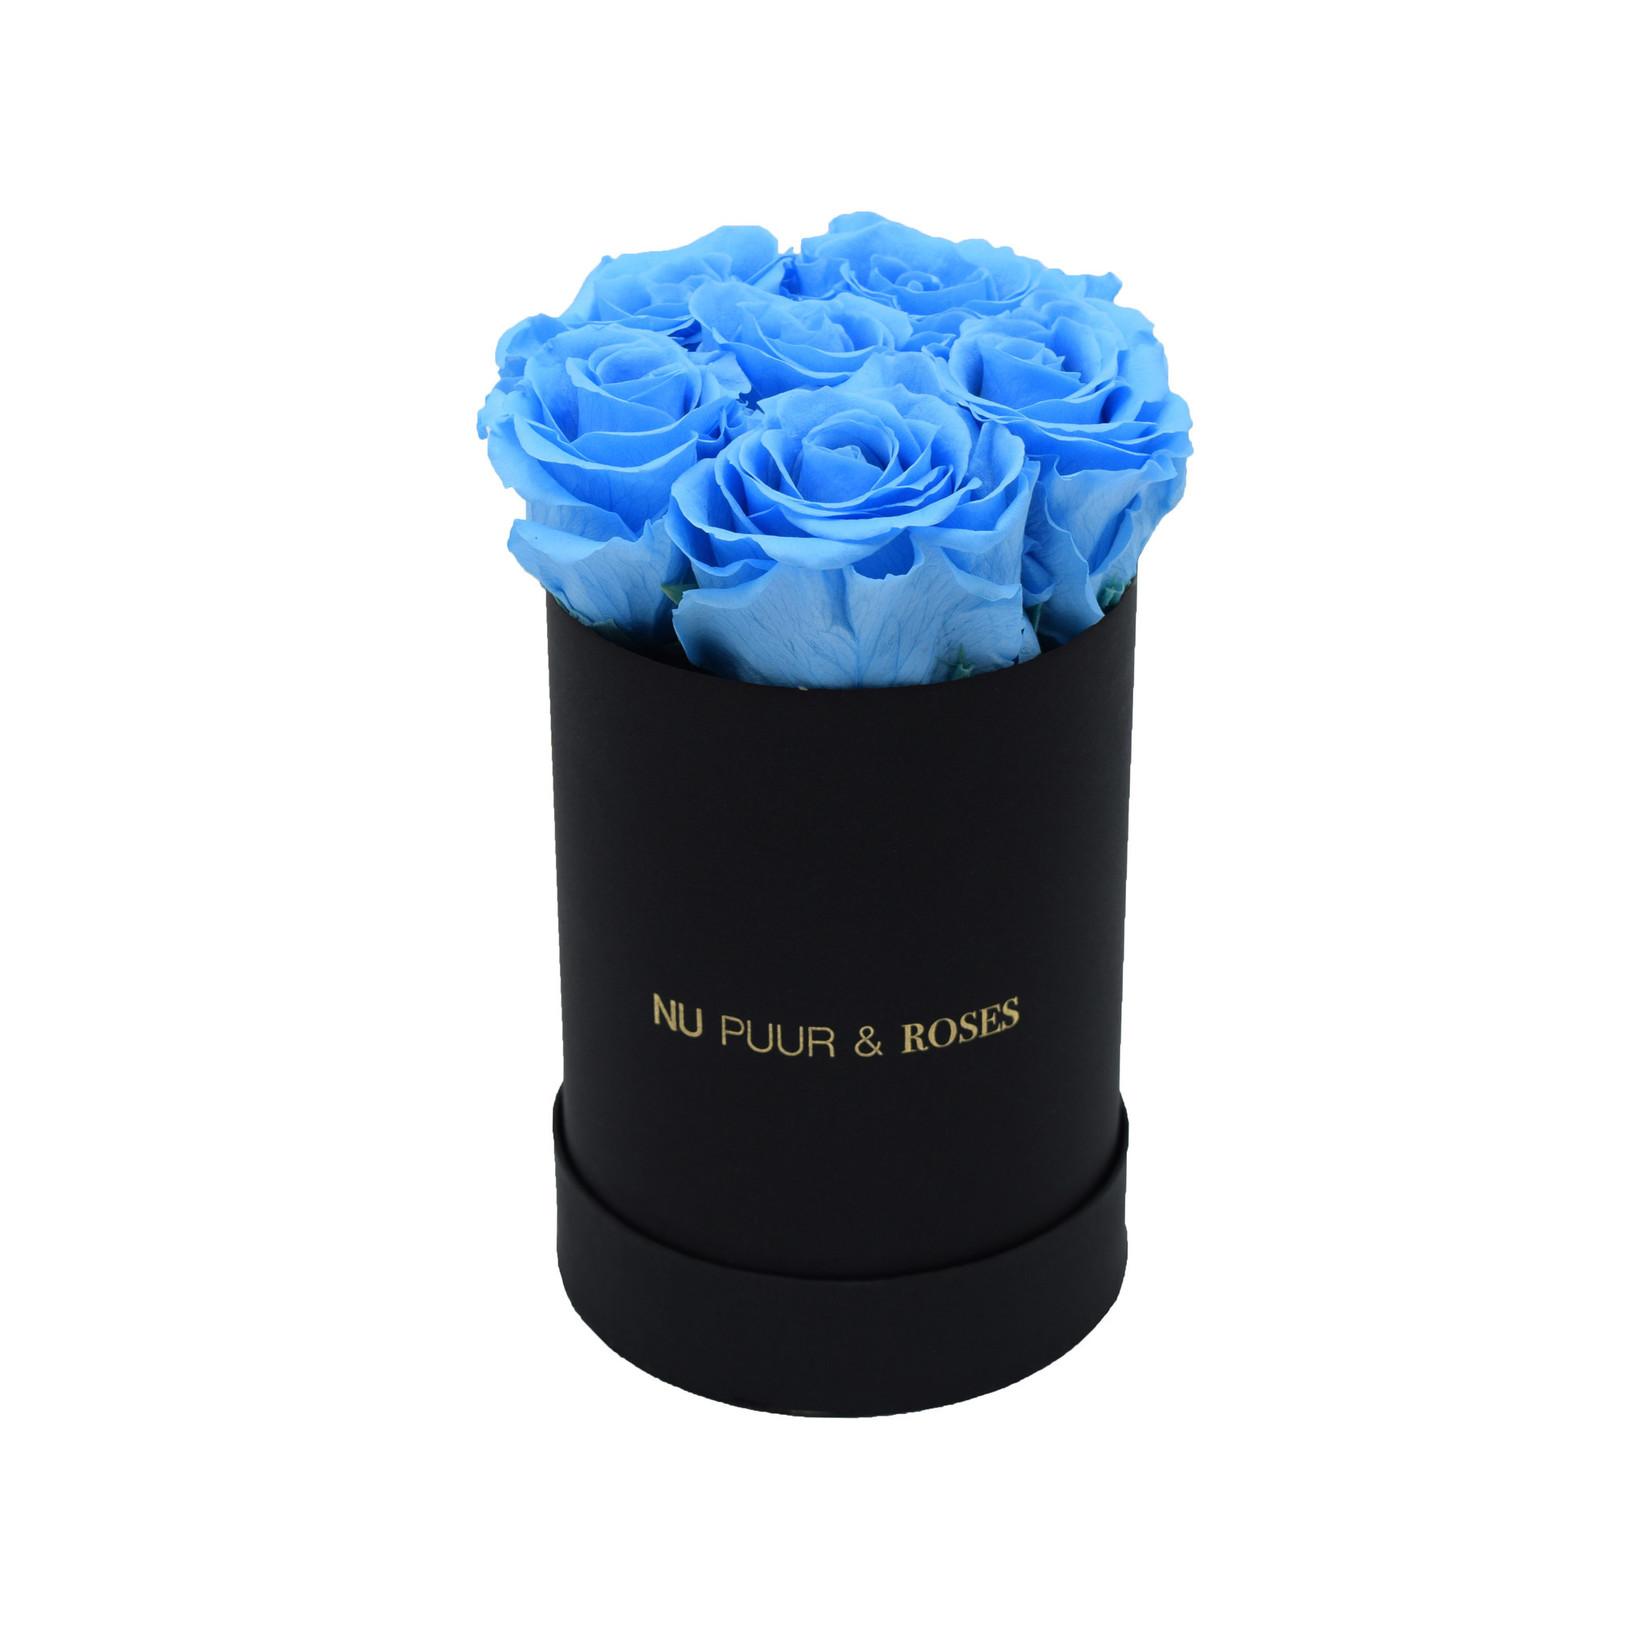 Mini - Blue Endless Roses - Black Box